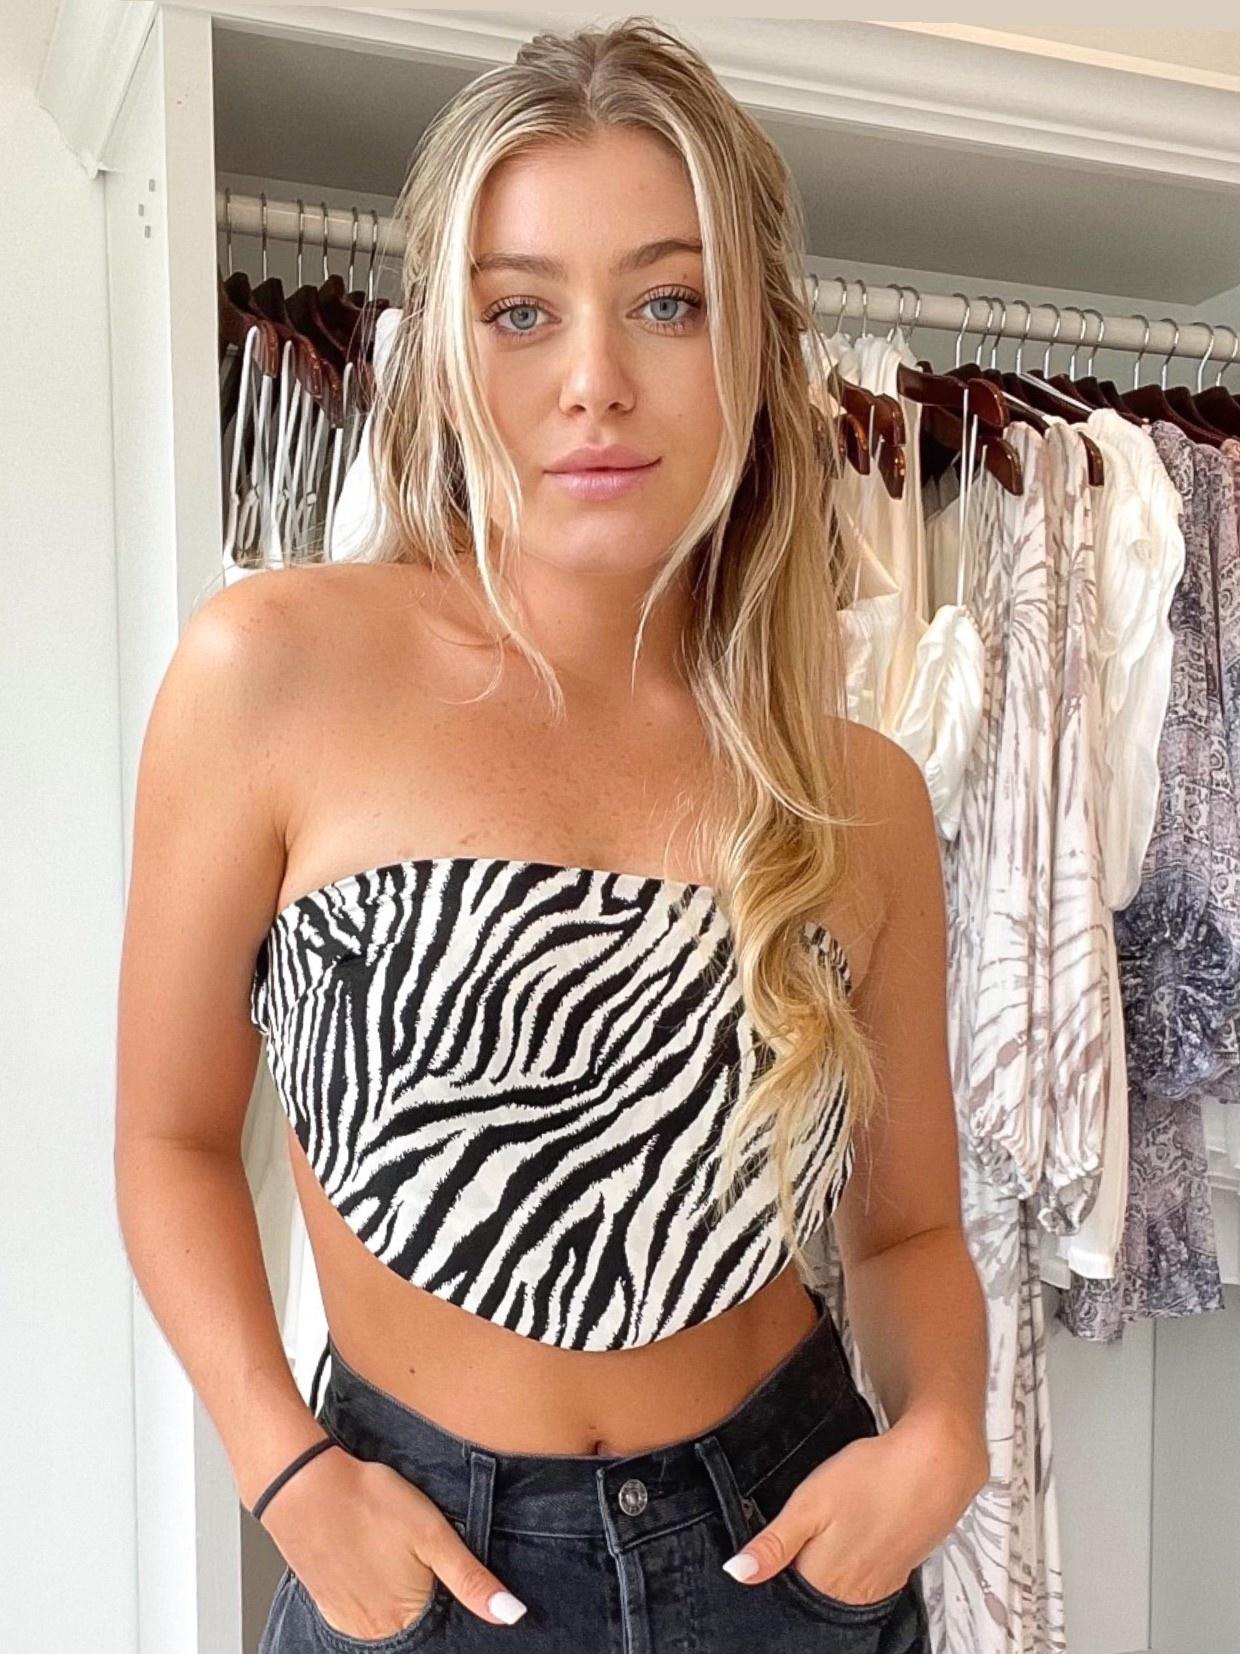 Savannah Zebra Crop